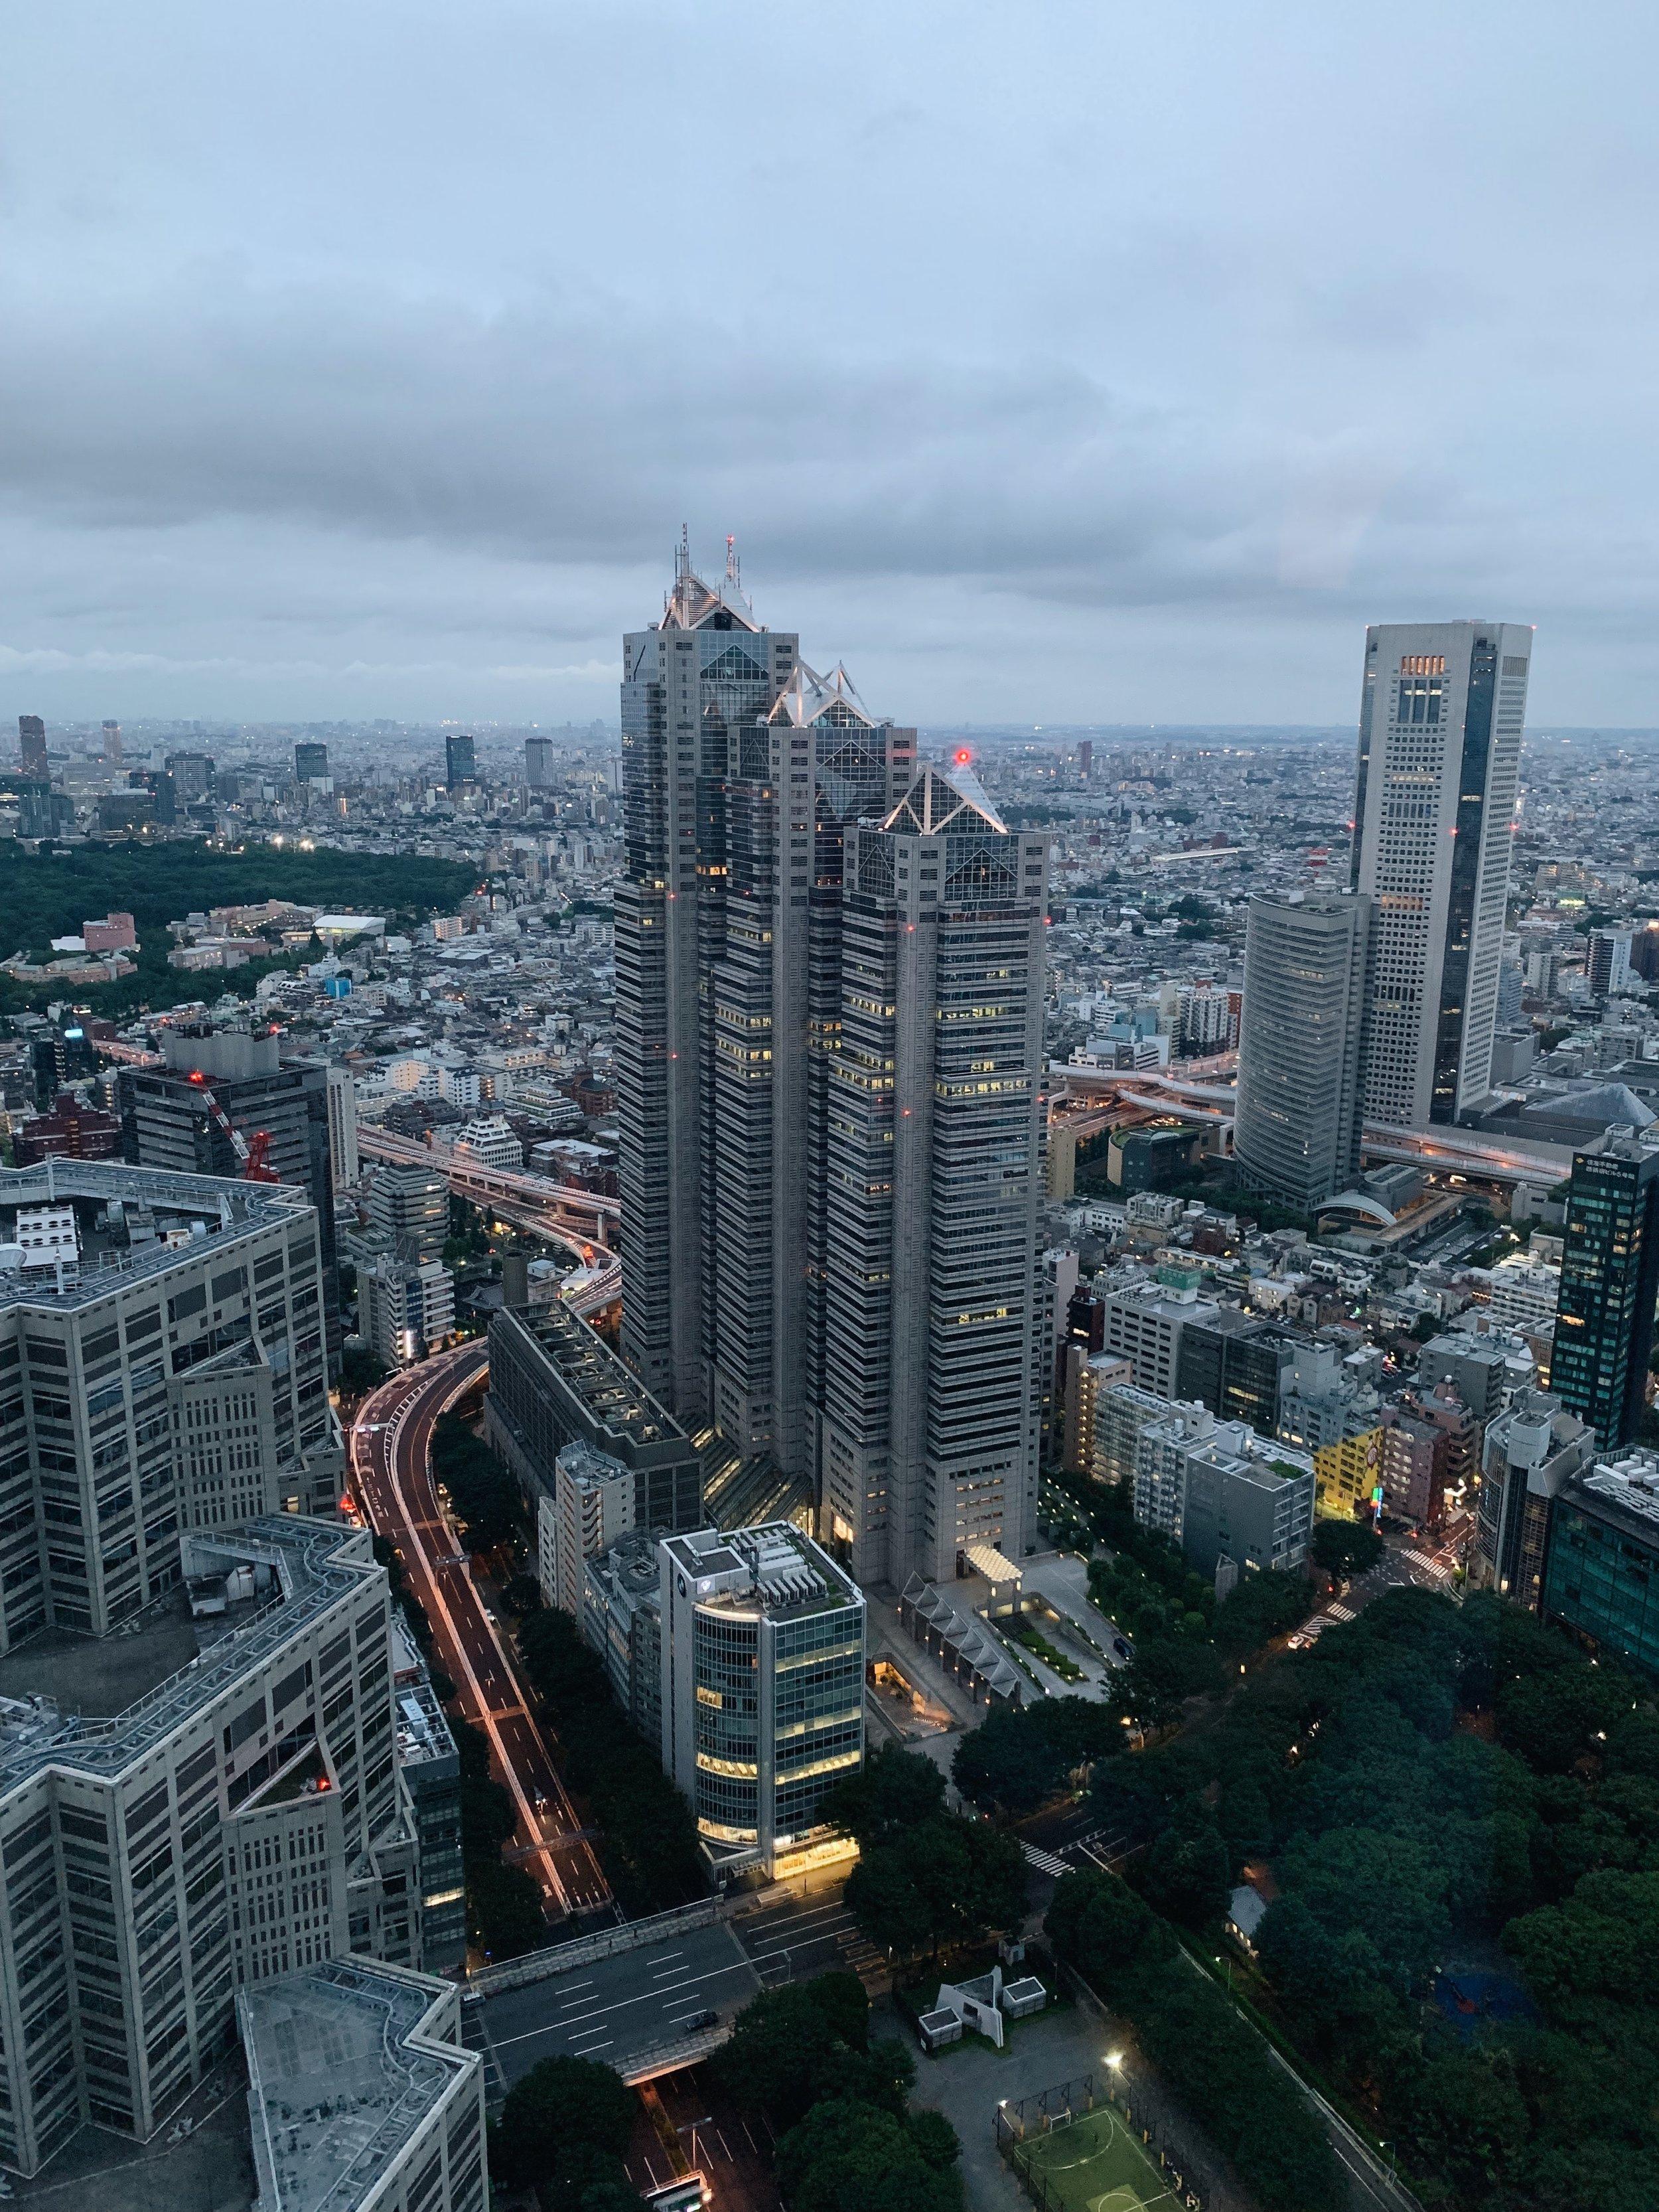 Tokyo Metropolitan Building Observation Deck